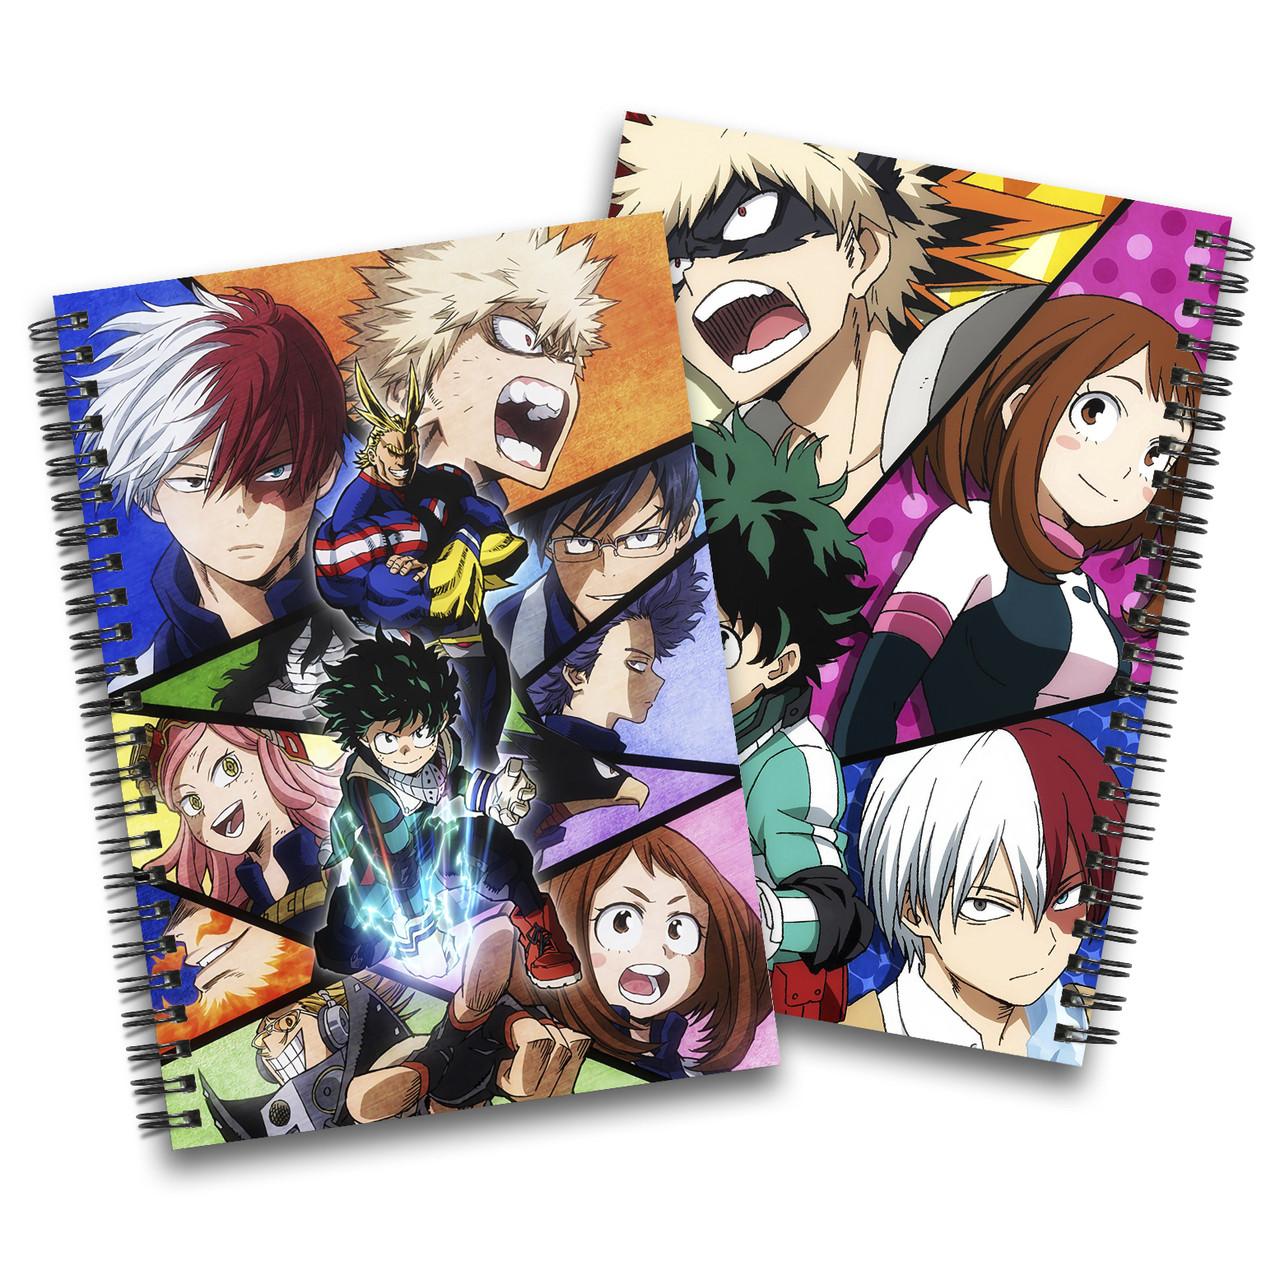 Скетчбук Моя геройская академия | Boku no Hero Academia 15